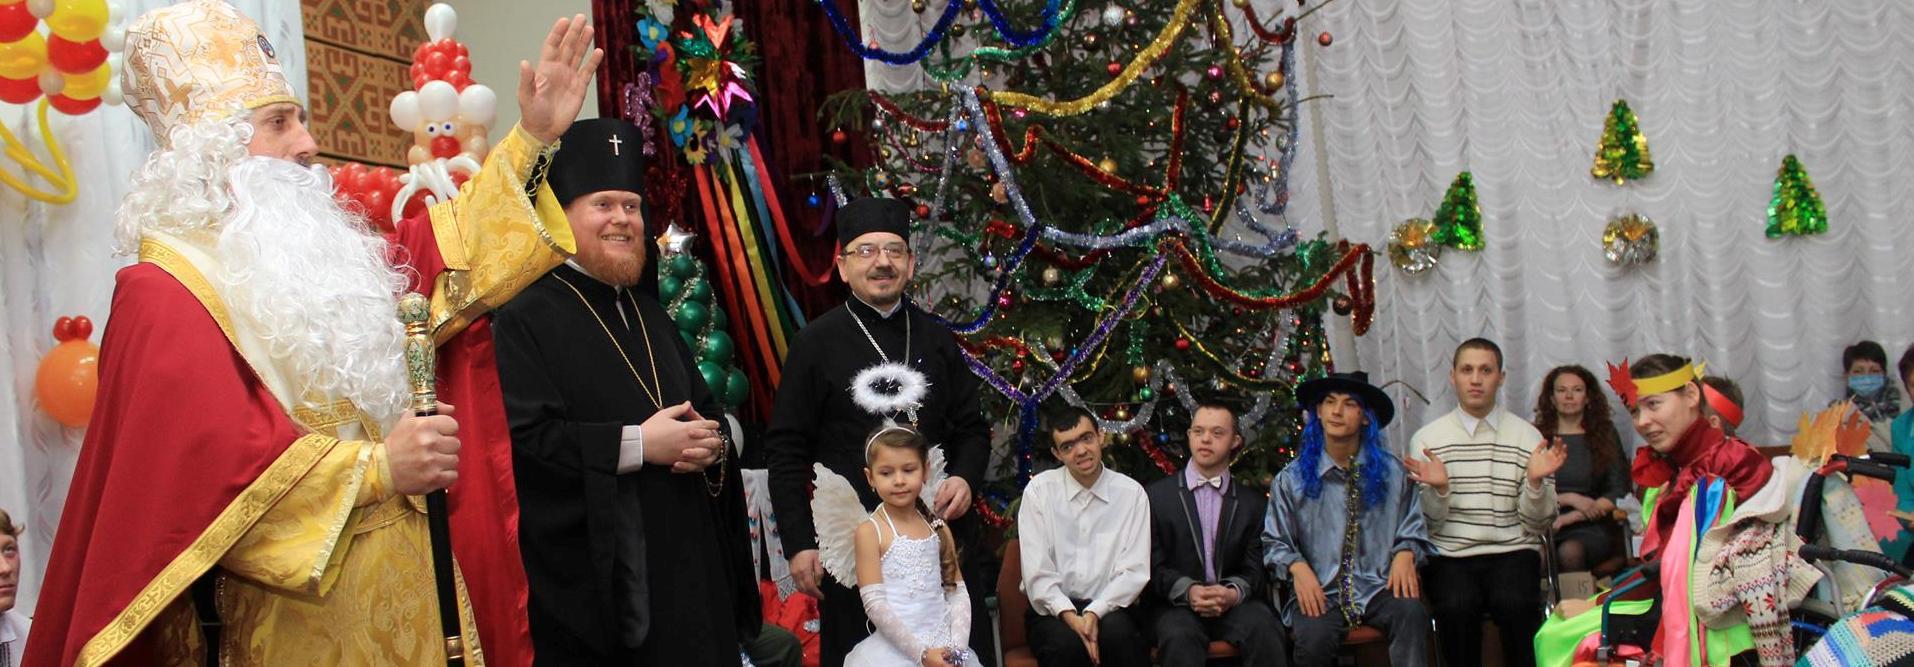 Святий Миколай крокує Україною!